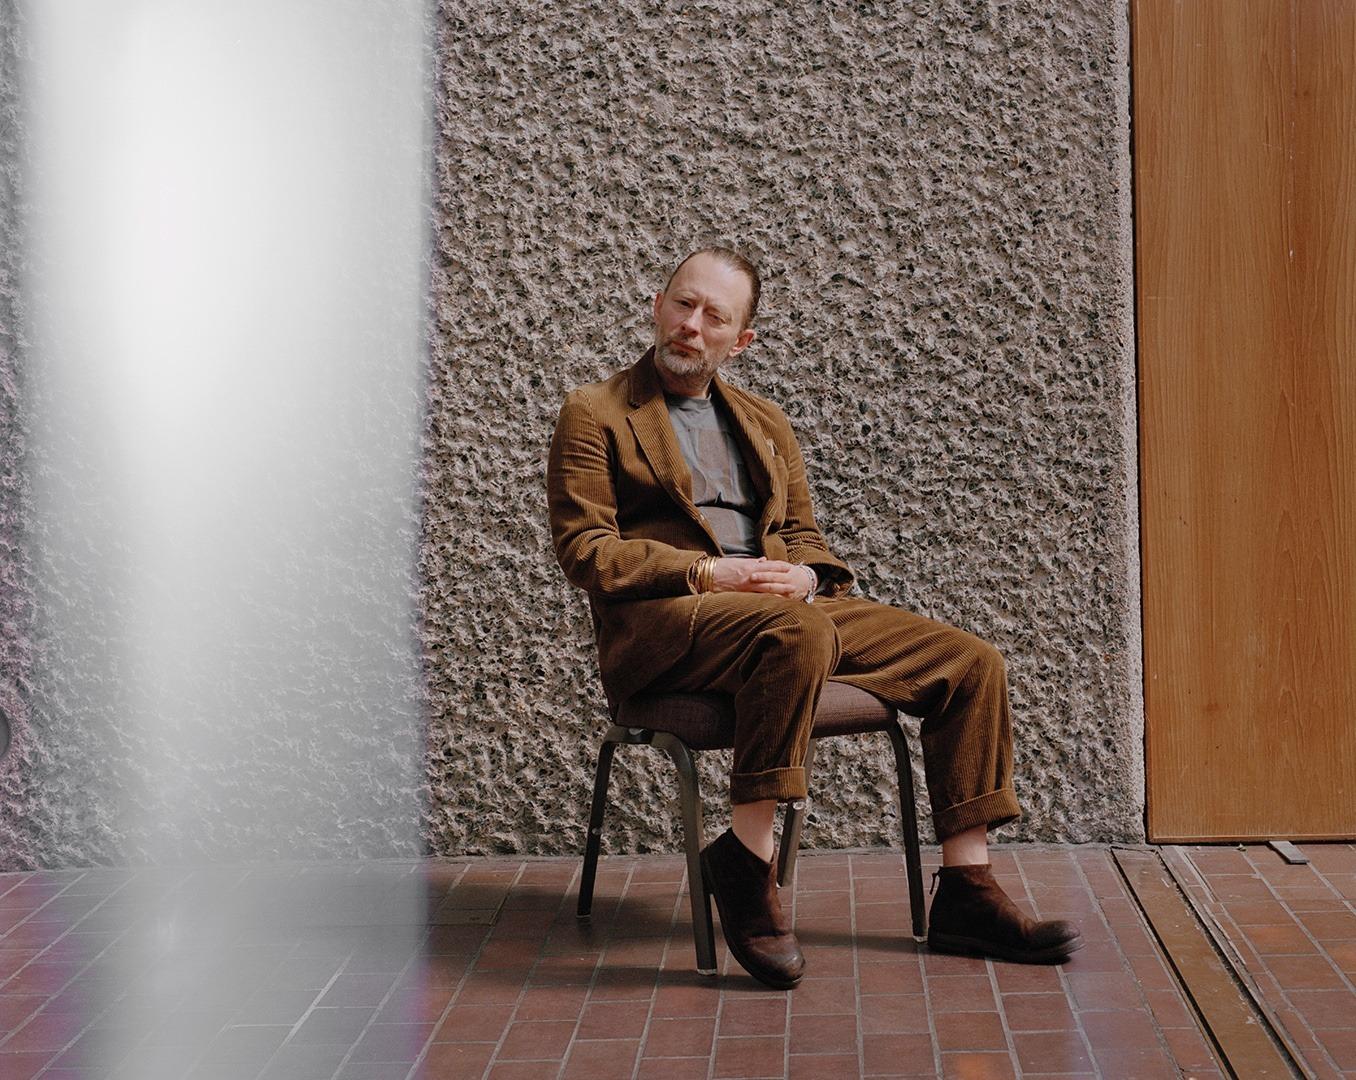 7 lanzamientos recientes que debes escuchar: Thom Yorke + Beck + Rex Orange County y más